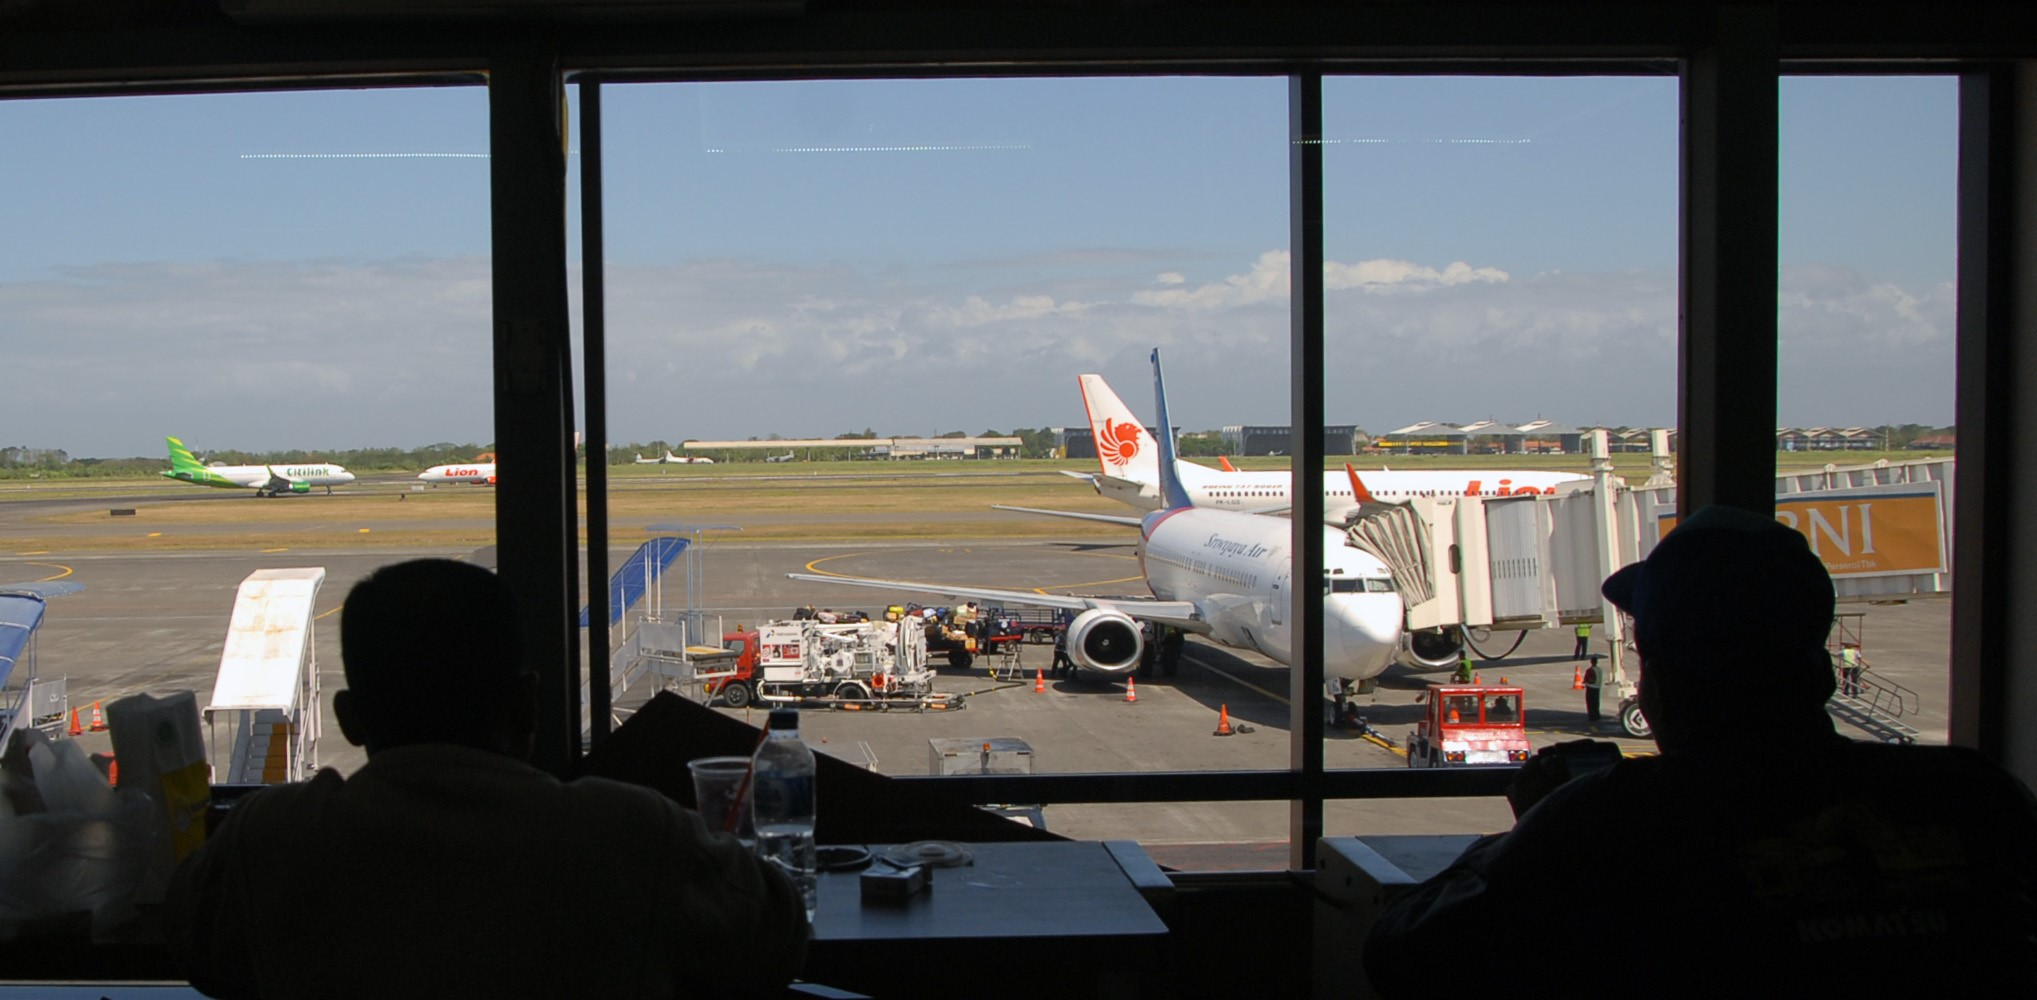 Landasan Pacu Juanda Terkelupas, Penerbangan Surabaya-Banyuwangi Ditunda